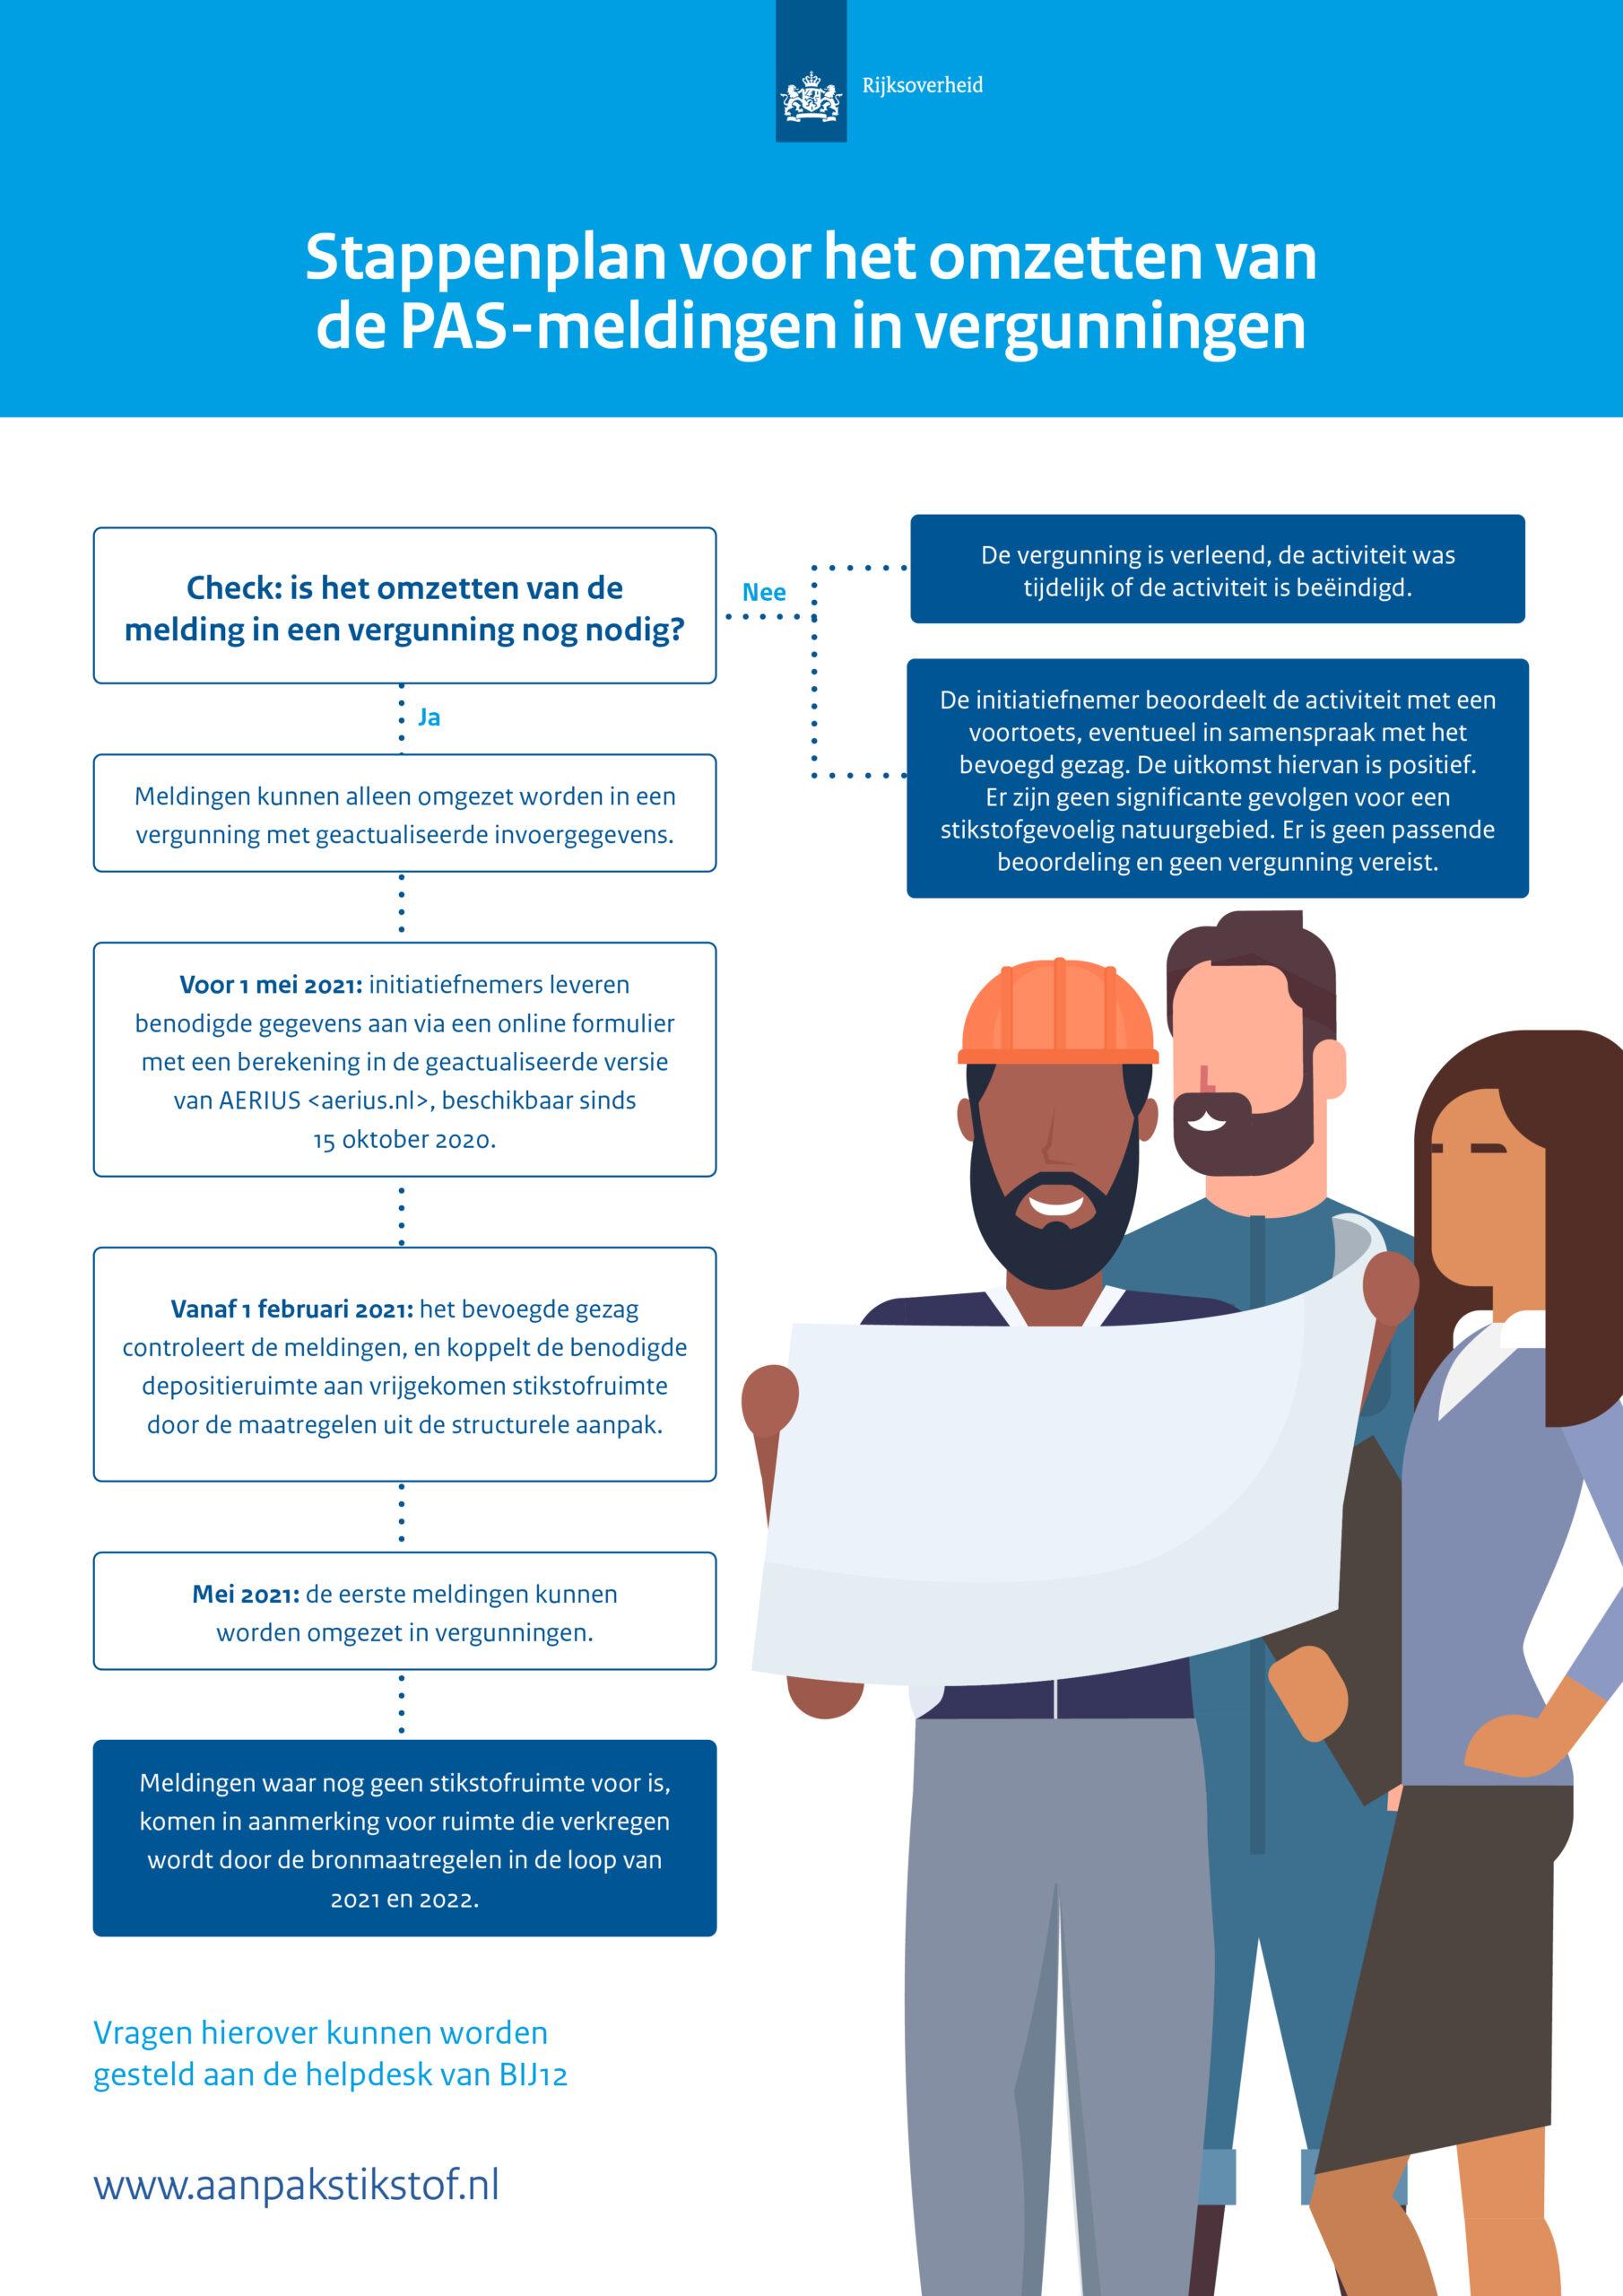 Deze schematische infographic beschrijft een stappenplan voor het omzetten van de PAS-meldingen in vergunningen